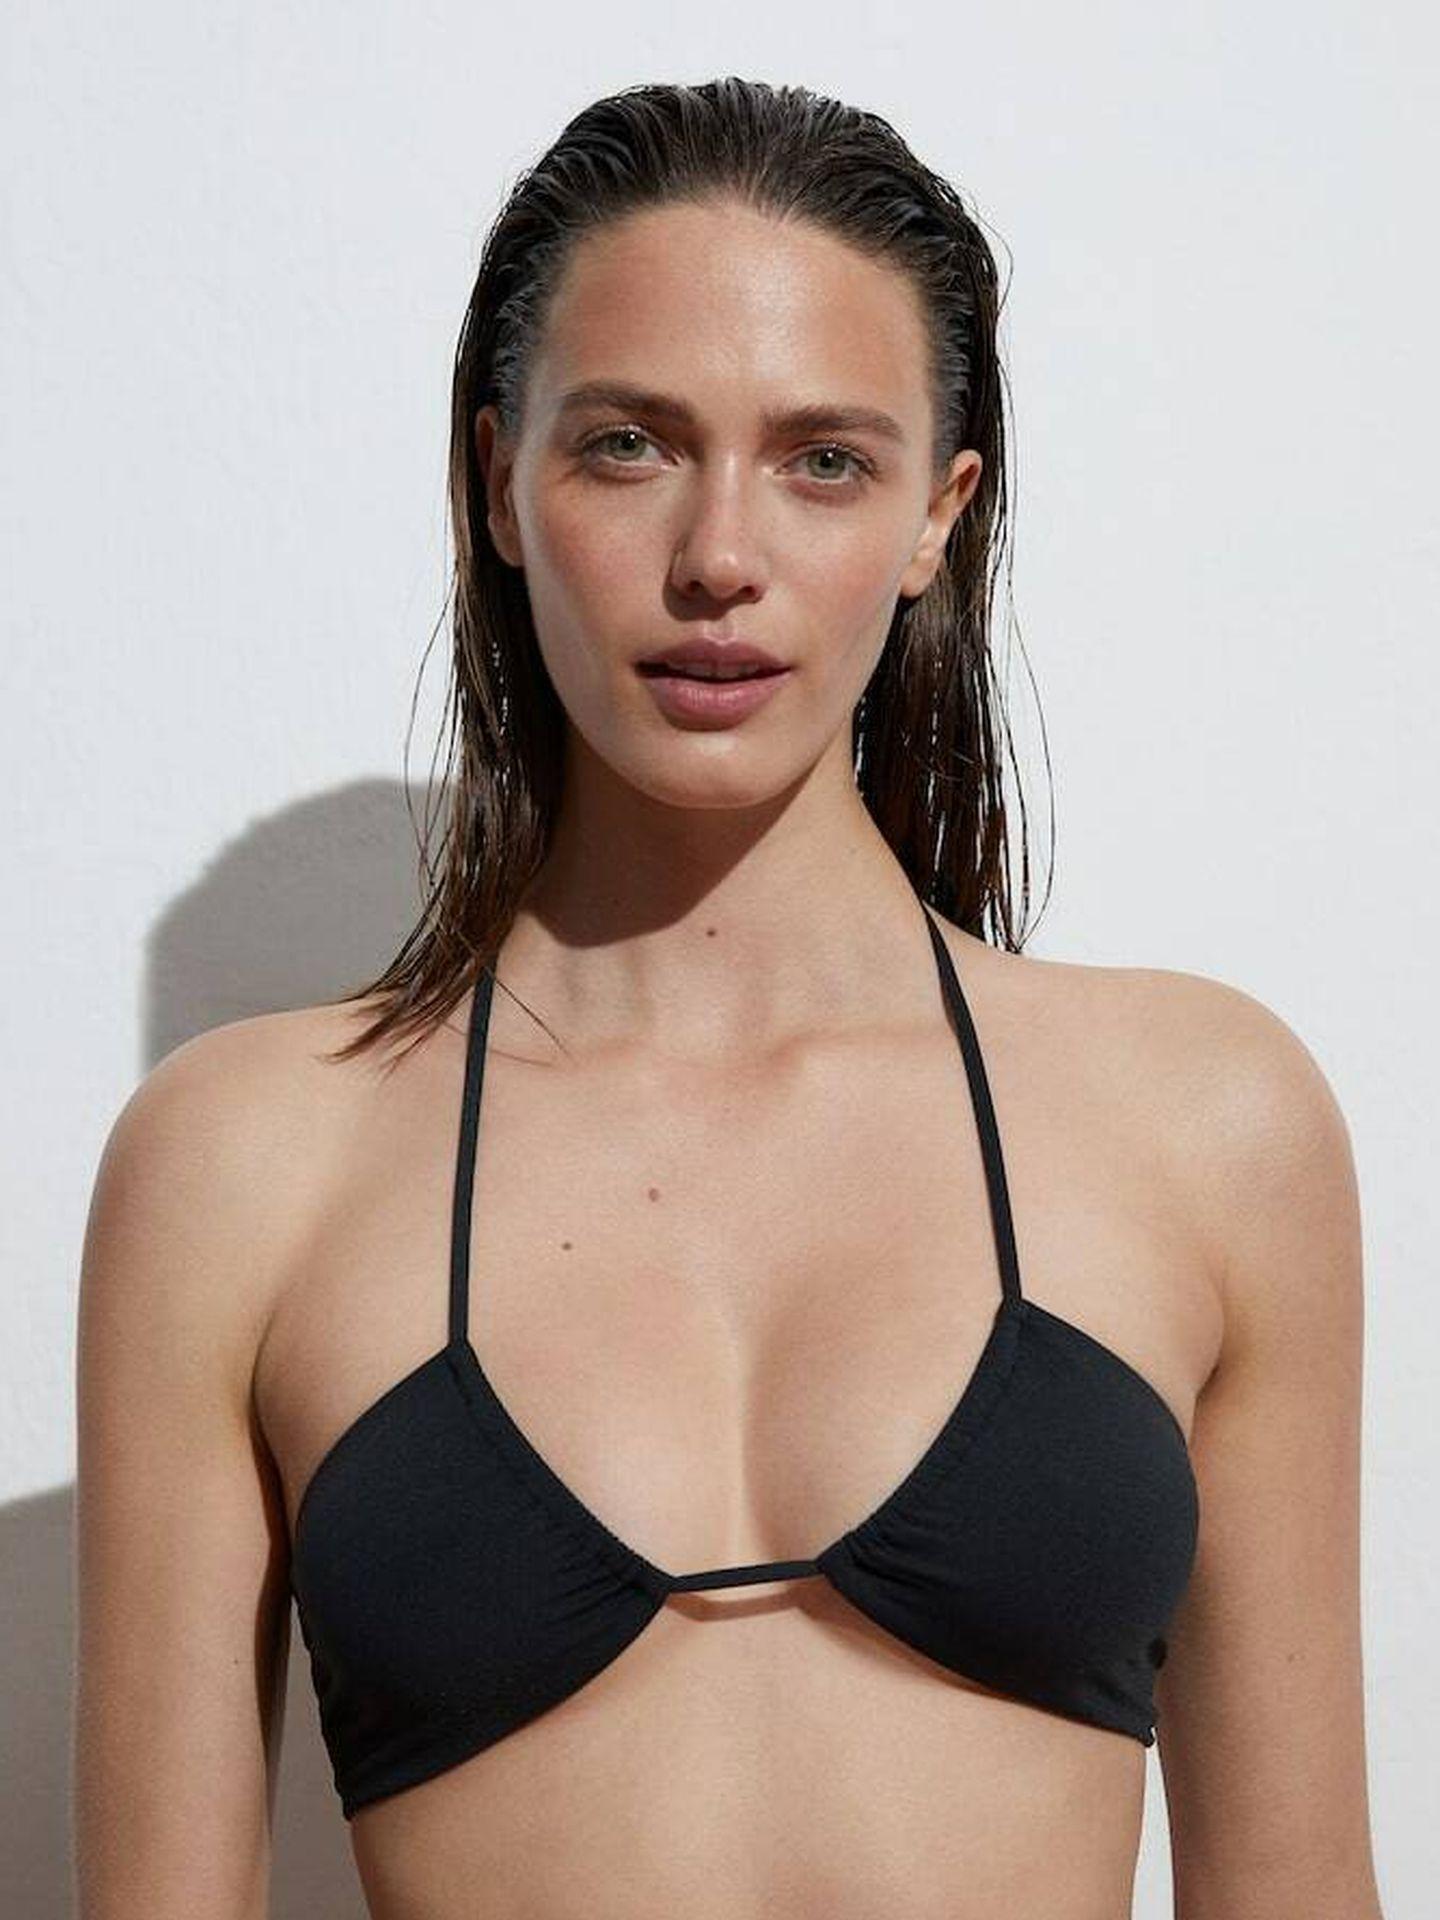 Bikini de Oysho ideal para mujeres con poco pecho. (Cortesía)